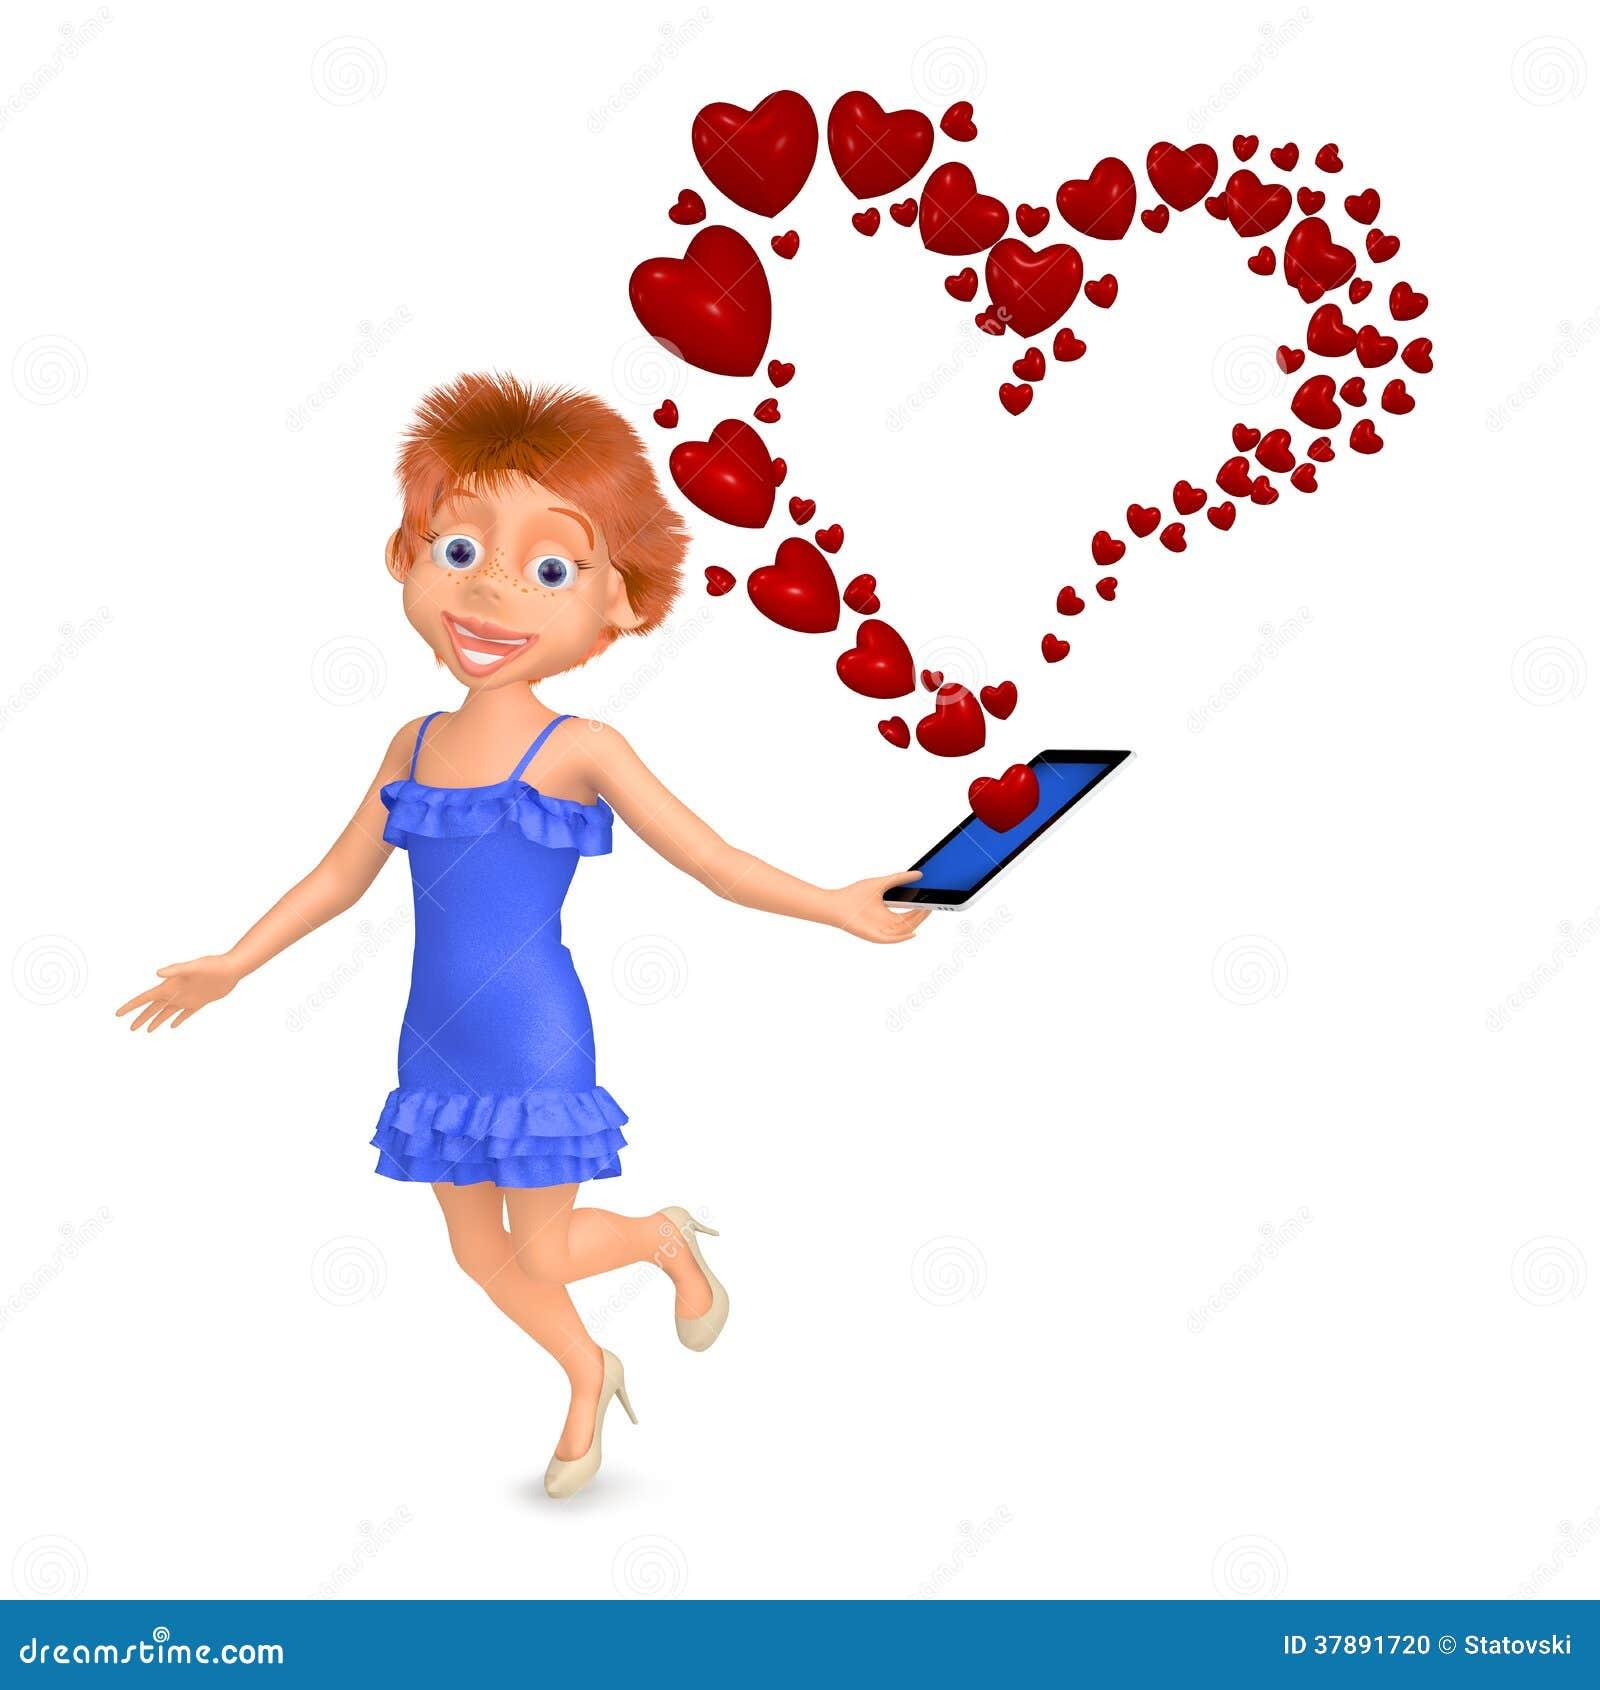 Девушка получила сообщение как сердце телефоном